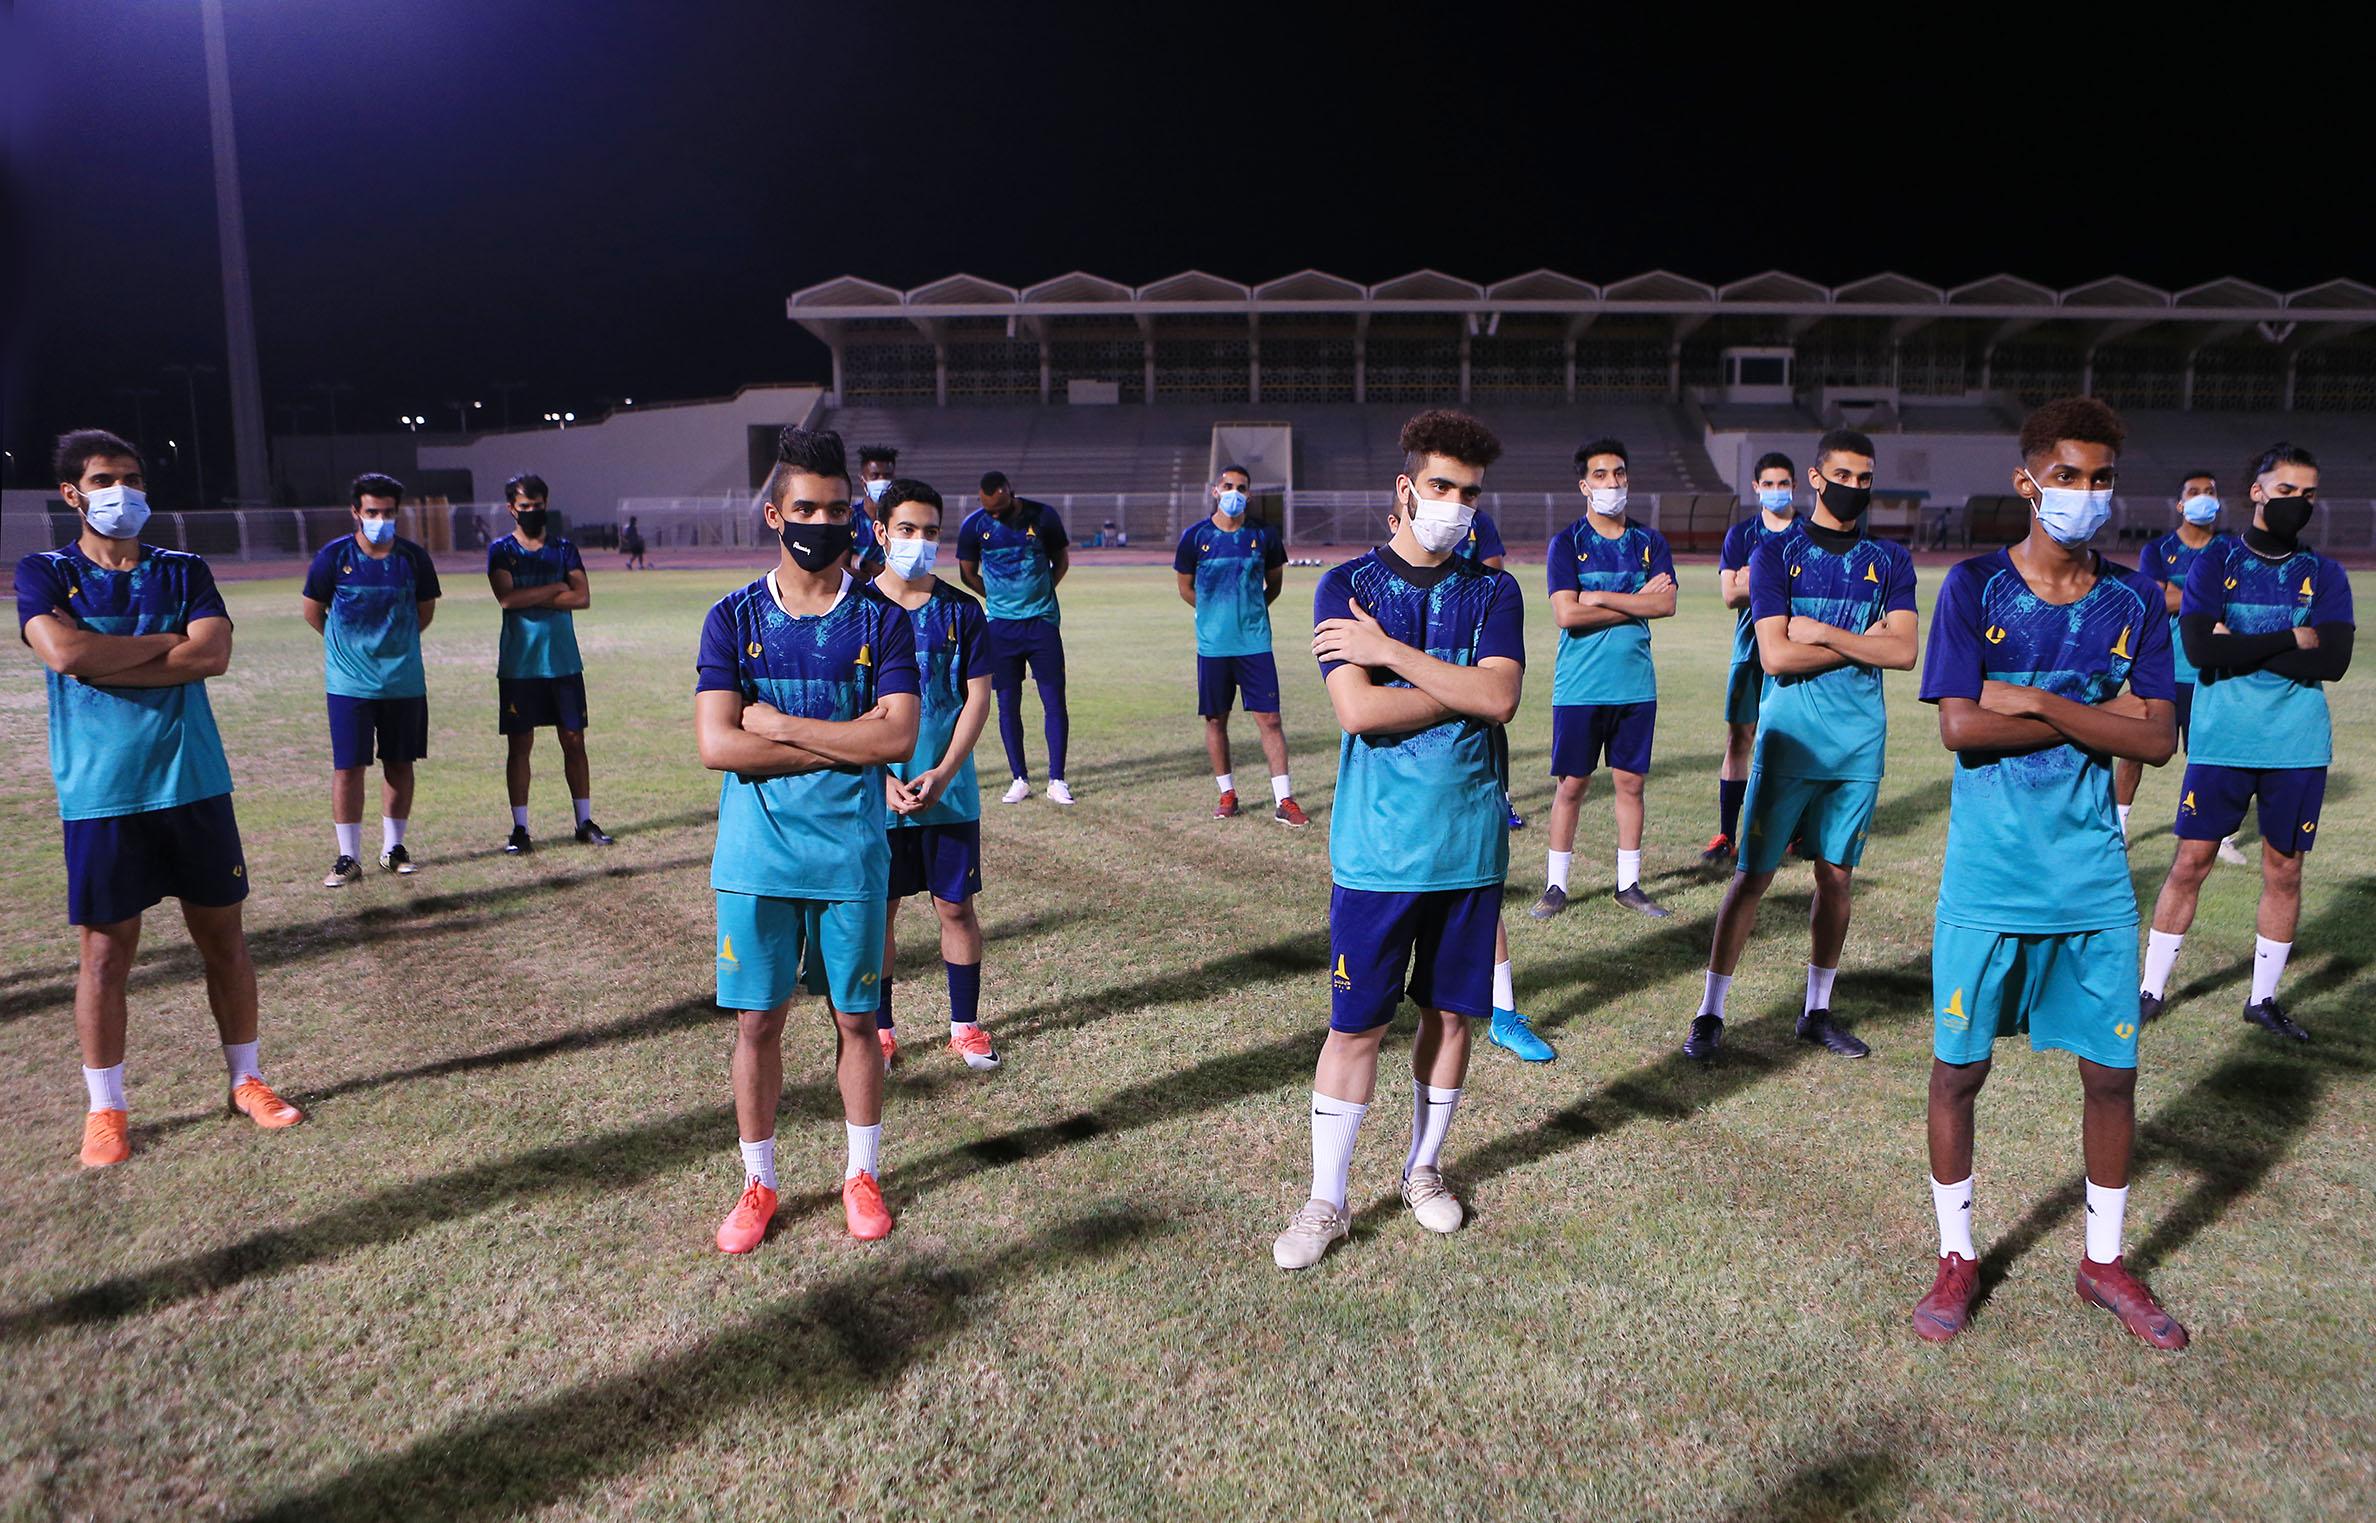 انطلاقة تدريبات الخليج لاستكمال منافسات دوري الأمير محمد بن سلمان للدرجة الأولى بعد تجاوز فحص كورونا